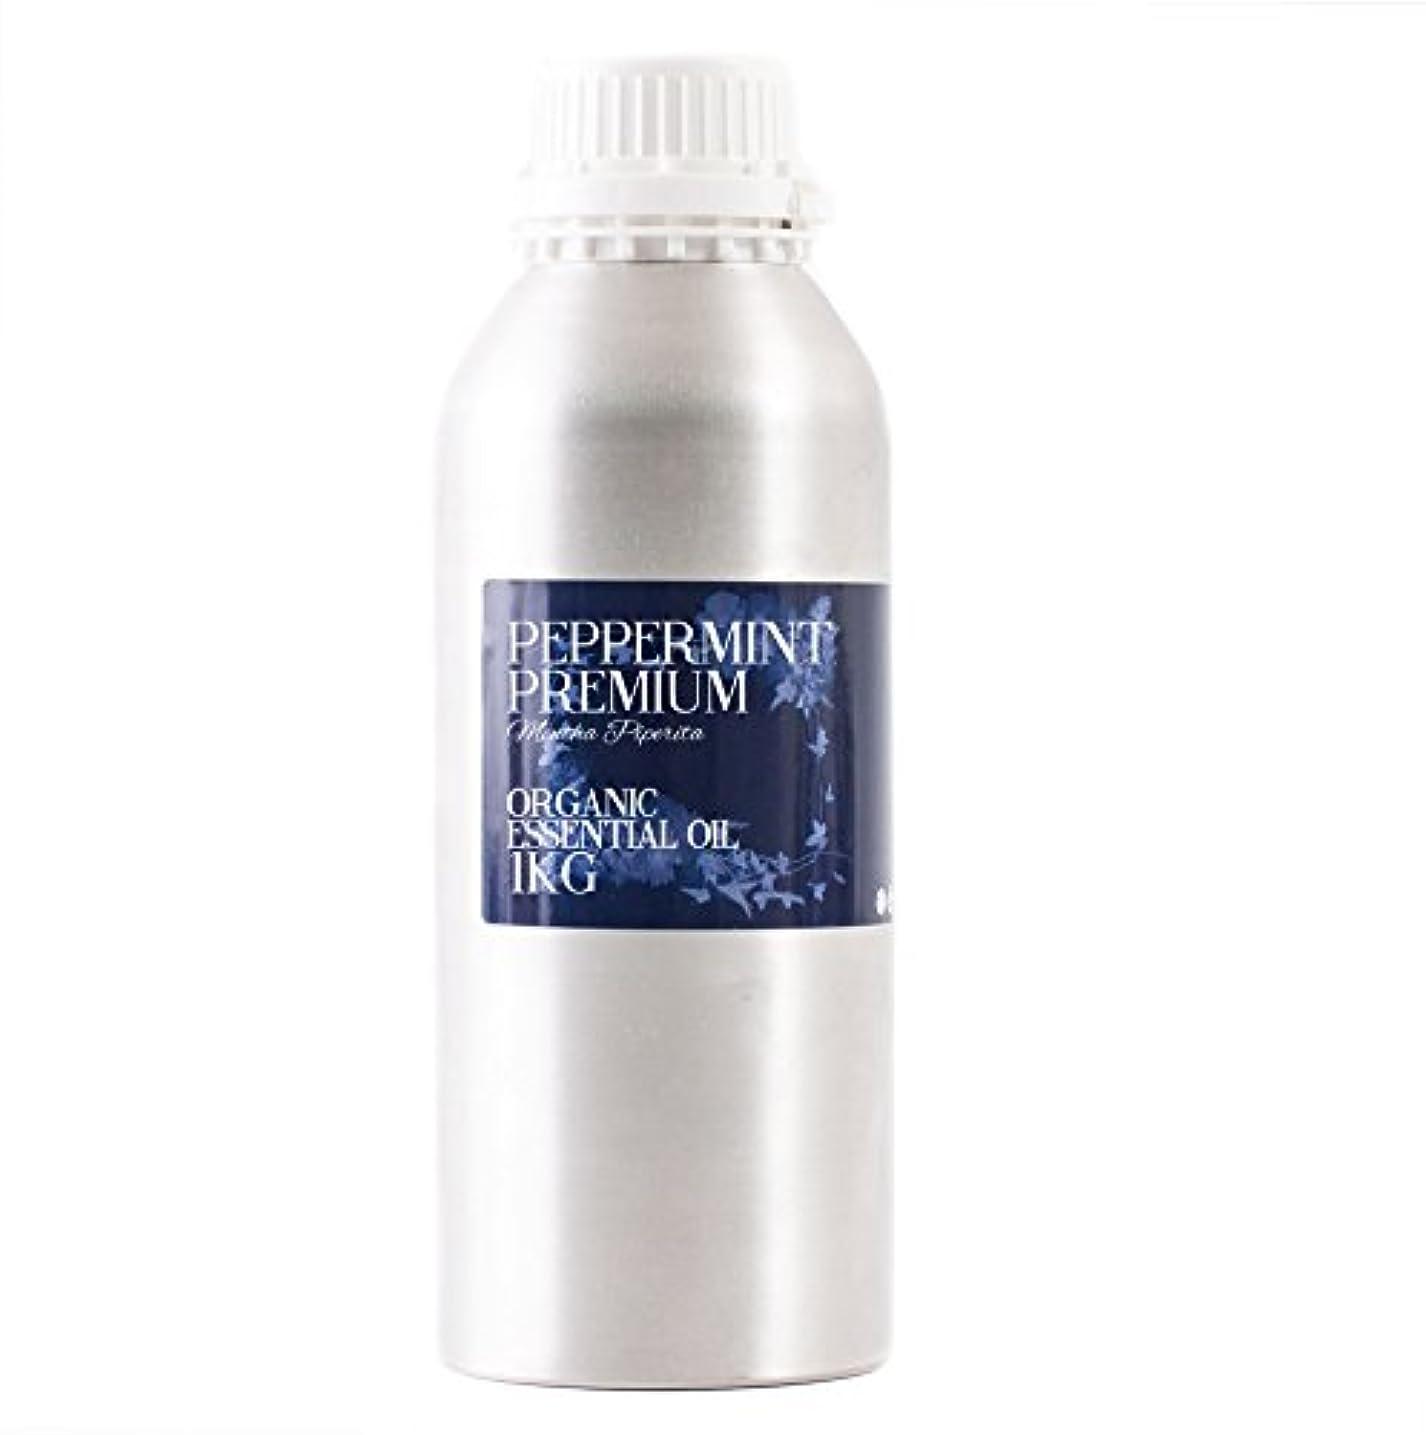 クラフト敬意イタリックMystic Moments   Peppermint Premium Organic Essential Oil - 1Kg - 100% Pure